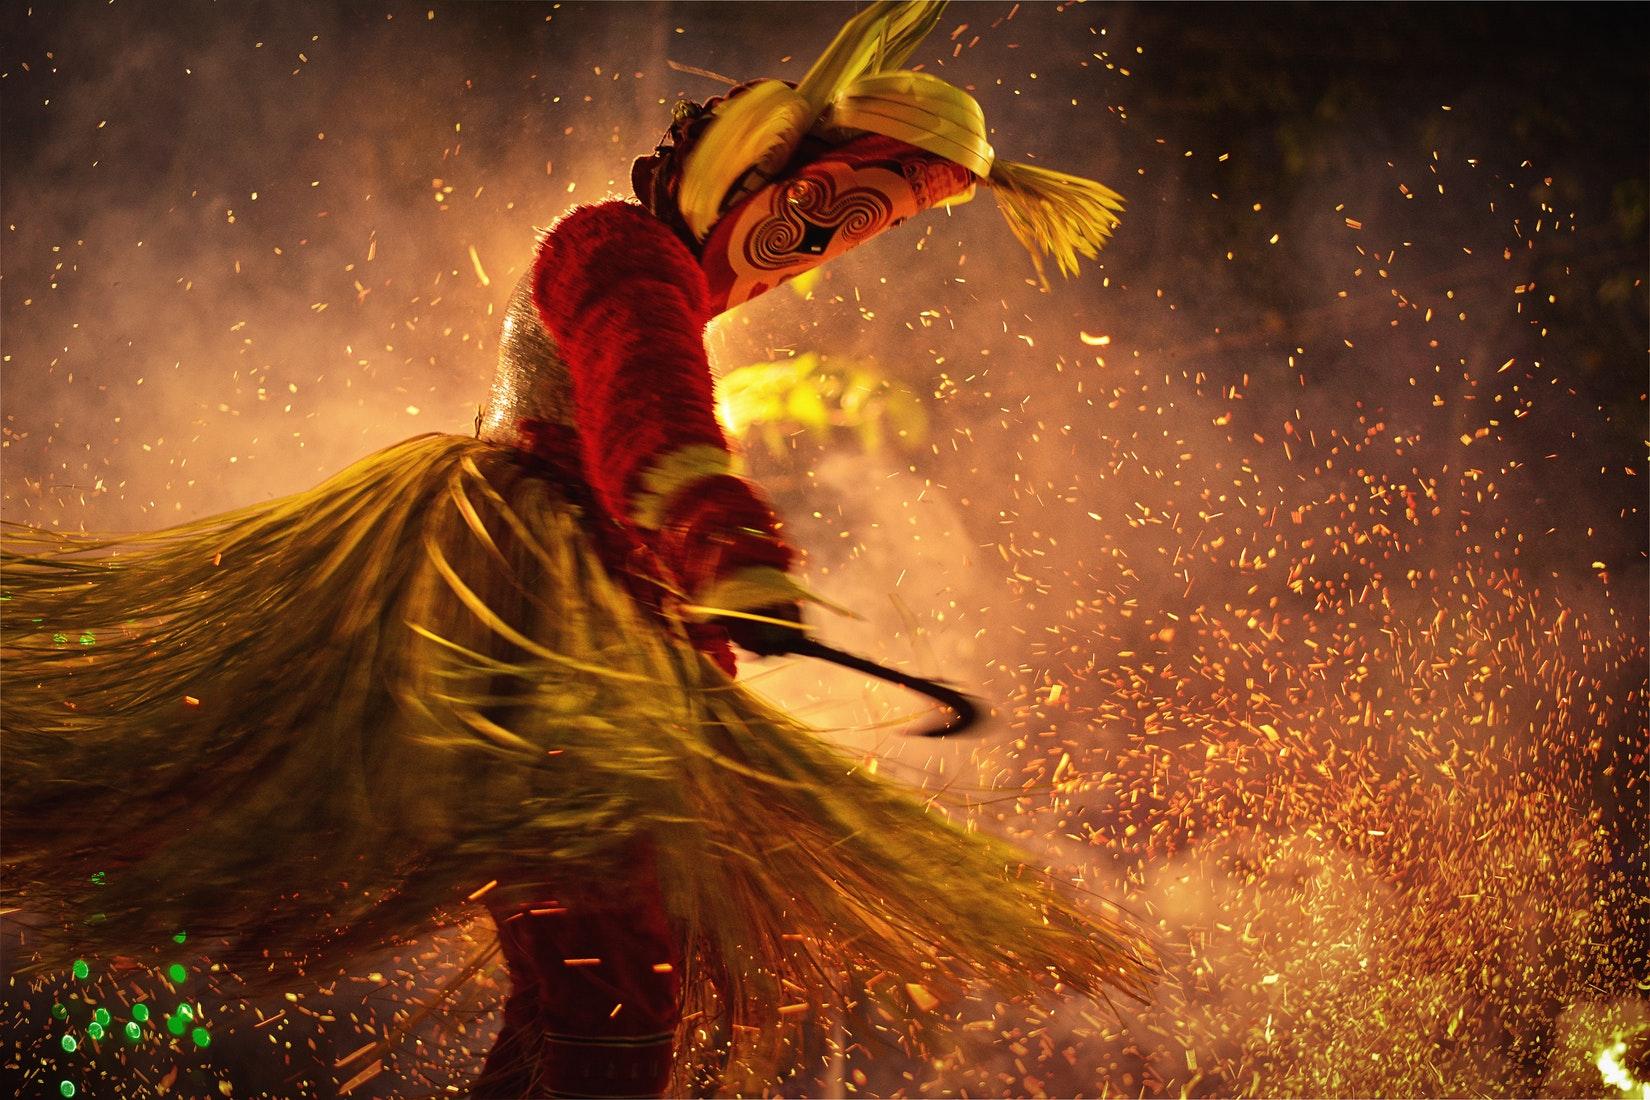 ಮಂಕುತಿಮ್ಮನ ಕಗ್ಗ –  ಭಕ್ತಿ – devotion